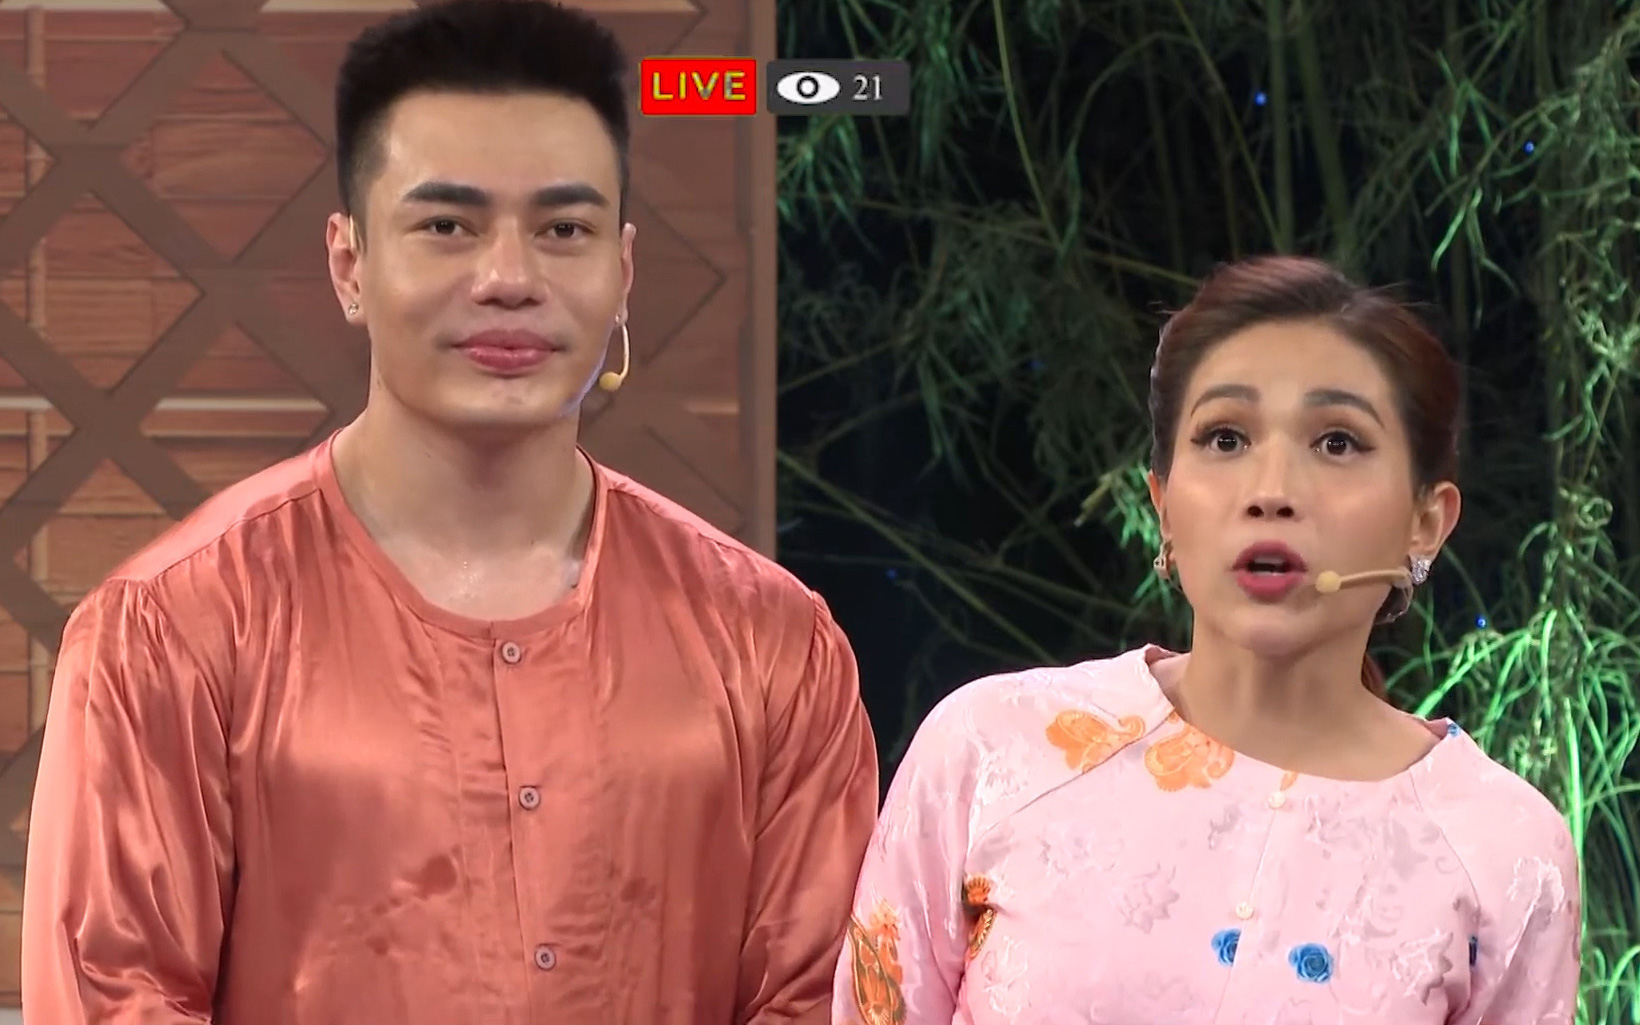 Lê Dương Bảo Lâm livestream bán... Khả Như với giá 200 ngàn nhưng không ai mua